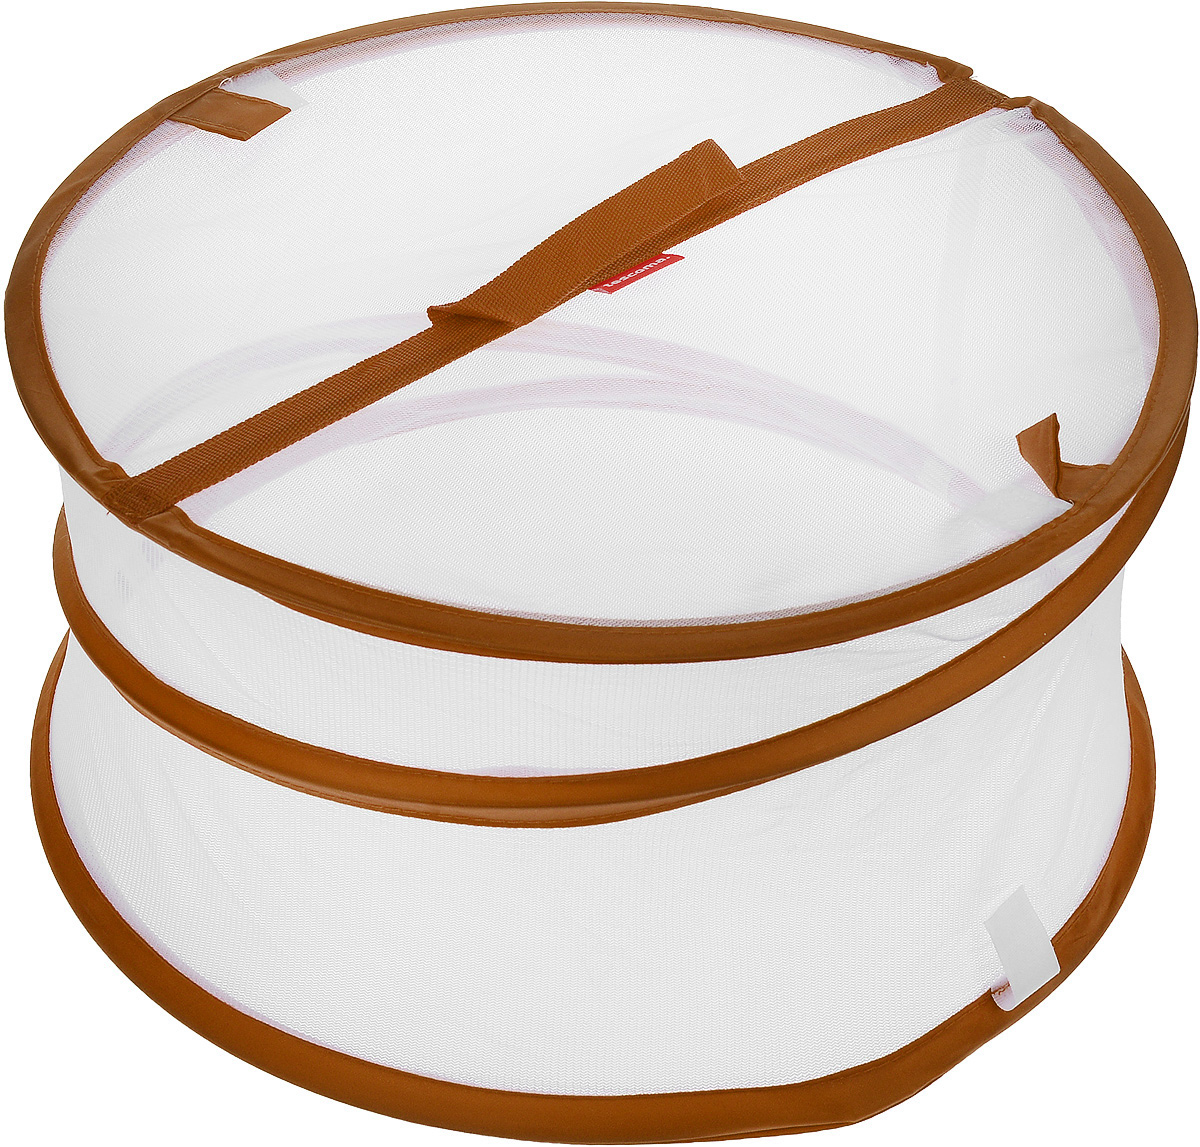 Крышка для пищевых продуктов Tescoma Delicia, складная, цвет: белый, коричневый, диаметр 35 см630852_коричневыйКрышка для пищевых продуктов Tescoma Delicia защитит еду от пыли и насекомых дома и на открытом воздухе. Крышка изготовлена из сетчатого текстиля и оснащена гибким металлическим каркасом. Просто составьте посуду с едой и накройте ее крышкой. Для легкого доступа изделие снабжено откидным верхом на липучке. Крышка легко складывается и раскладывается, при хранении занимает минимум пространства.Высота в разложенном виде: 20 см.Высота в сложенном виде: 1 см.